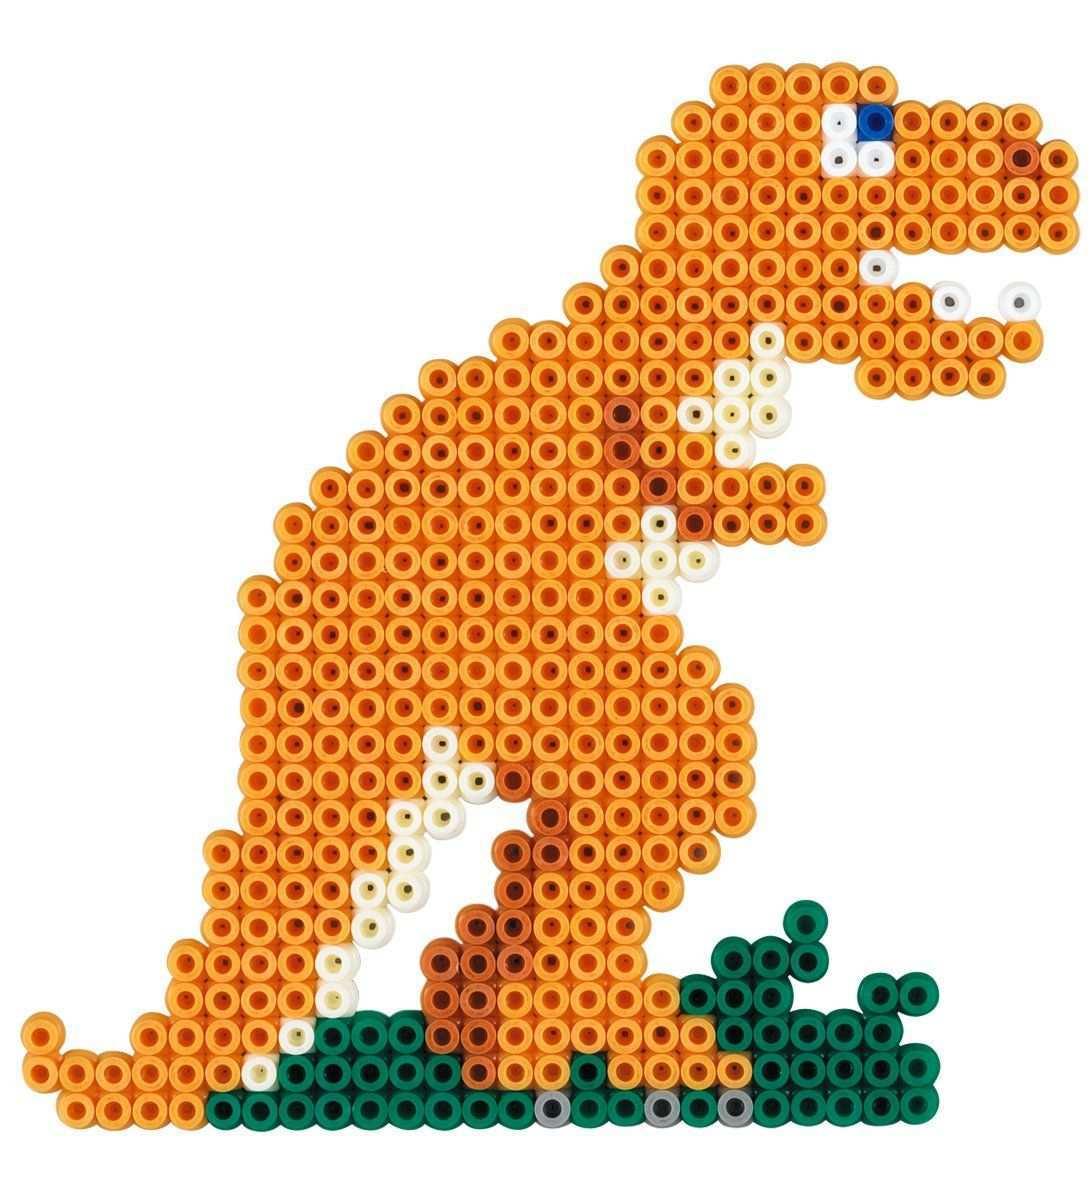 Hama 3434 Perlenset Dino Welt Ca 2000 Bugelperlen 1 Stiftplatte Und Zubehor Amazon De Spielzeug In 2020 Bugelperlen Basteln Bugelperlen Hama Bugelperlen